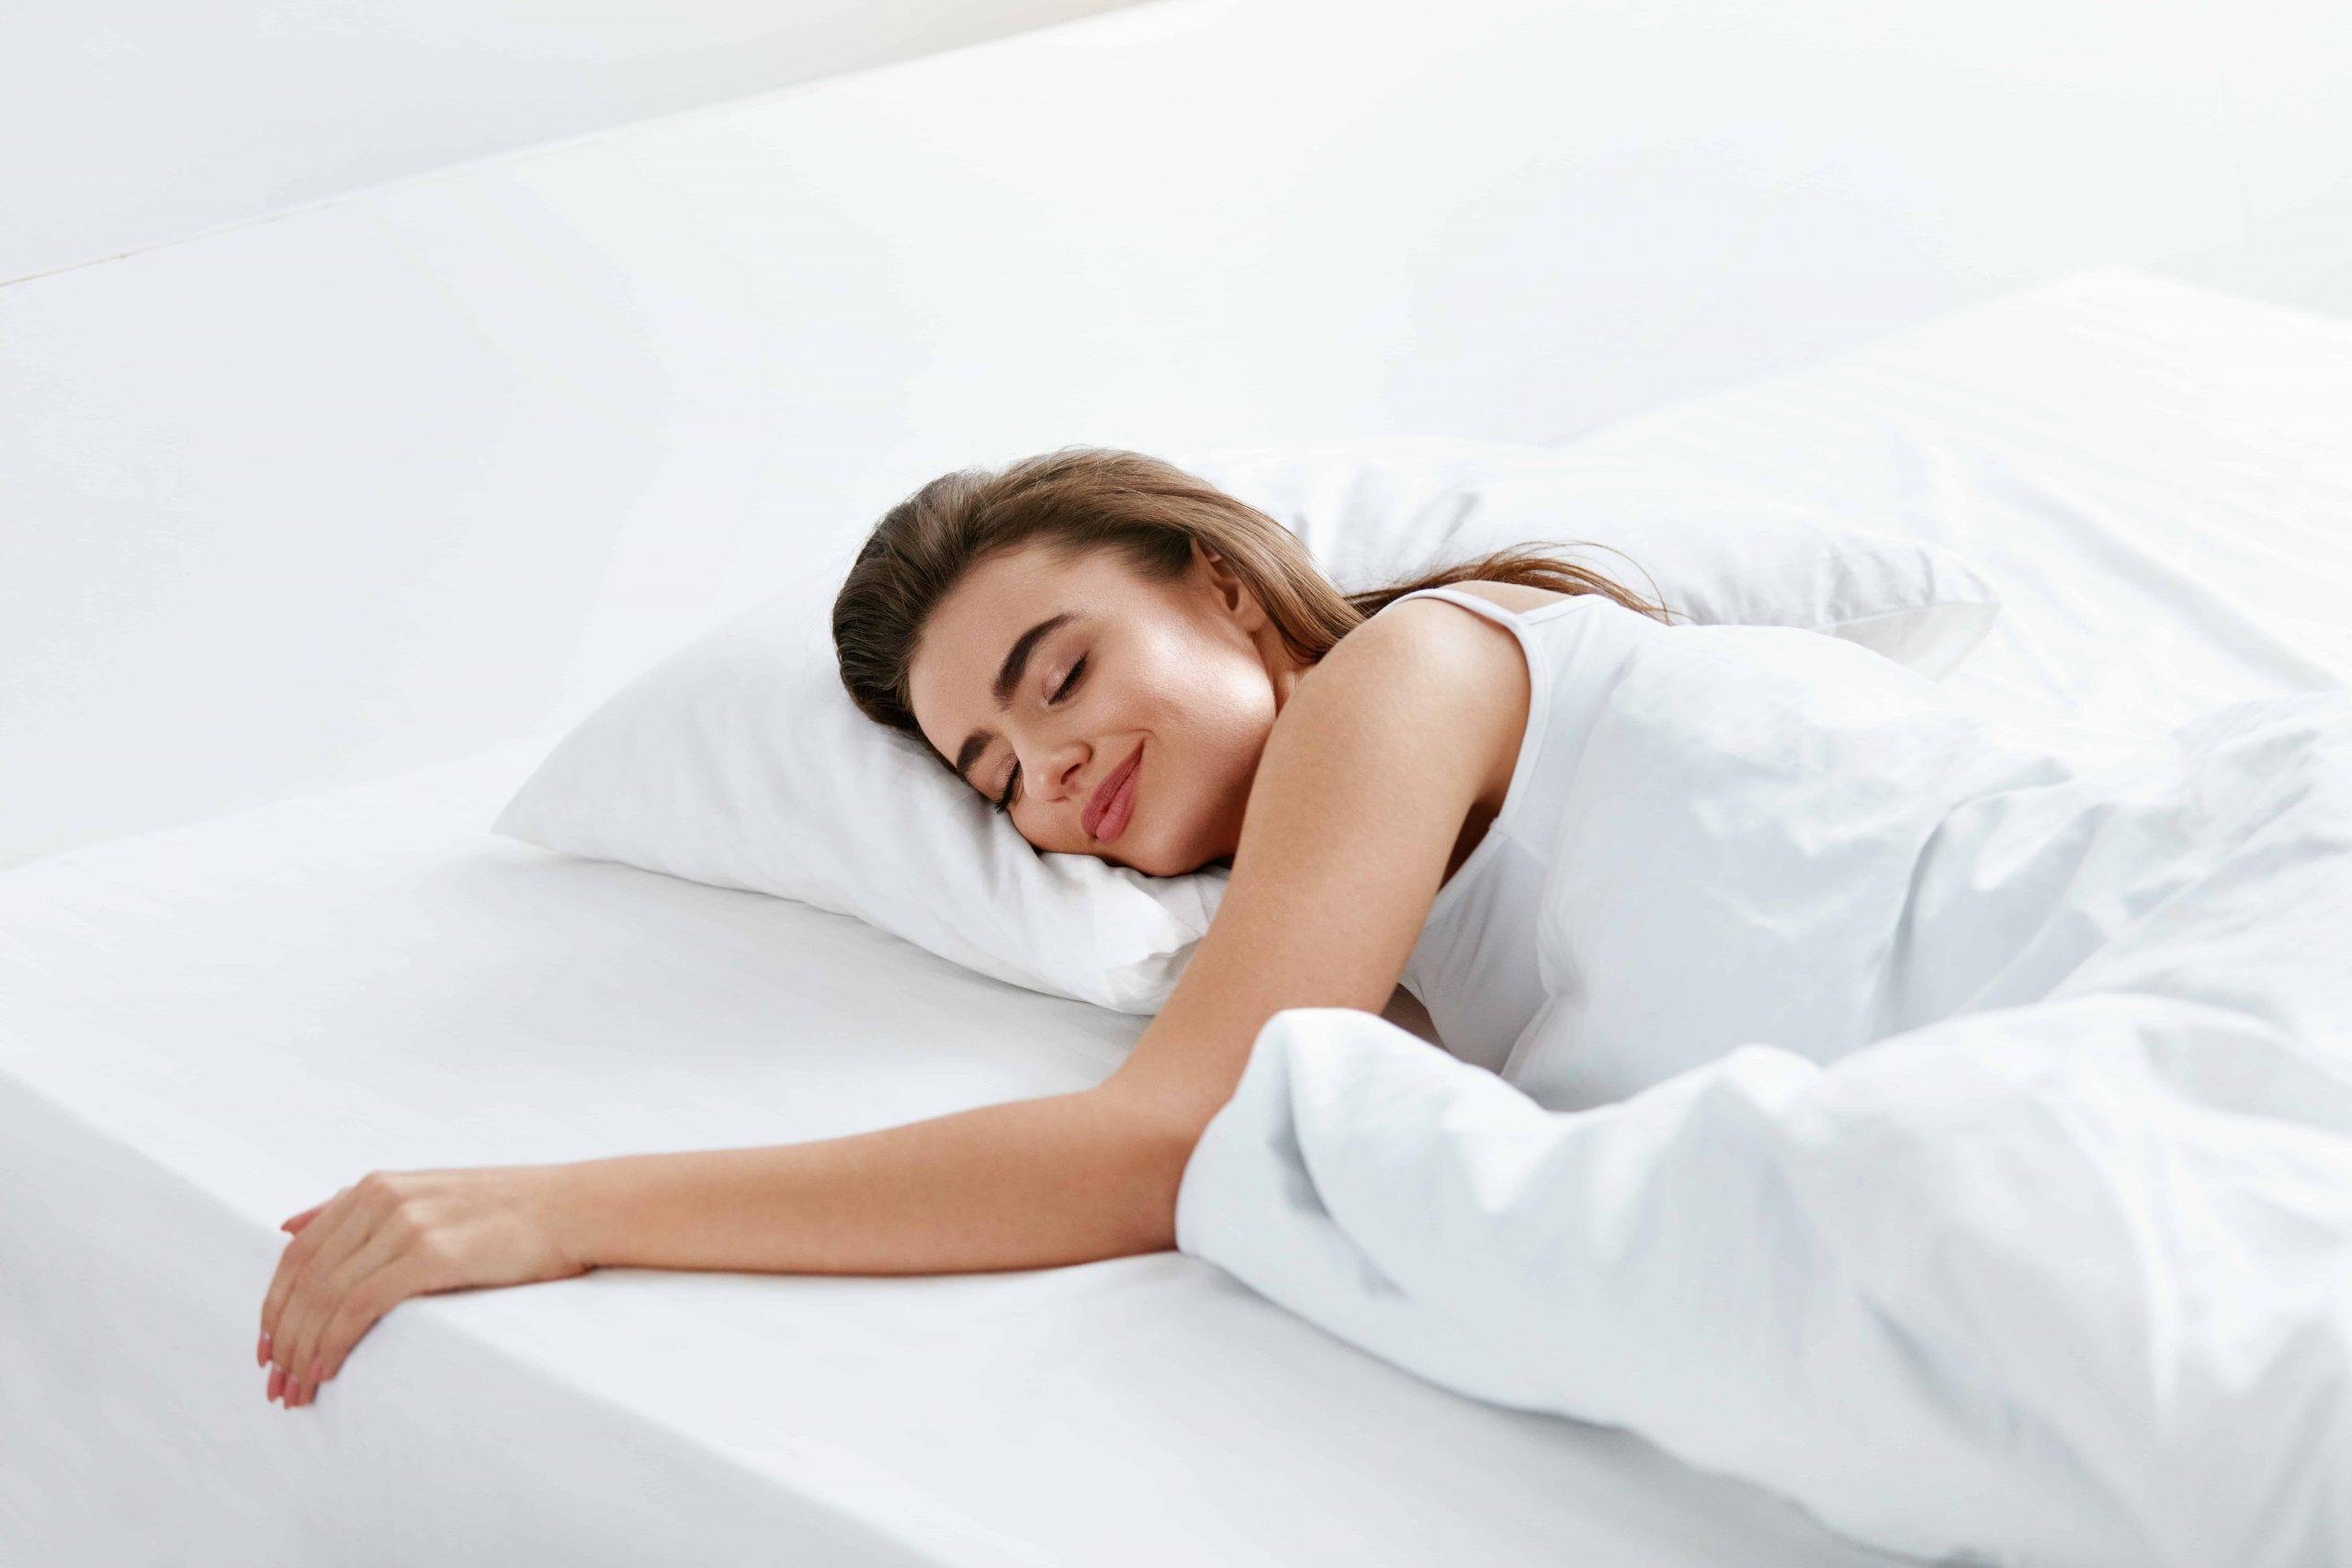 Biber Bettwäsche: Test & Empfehlungen (10/20)